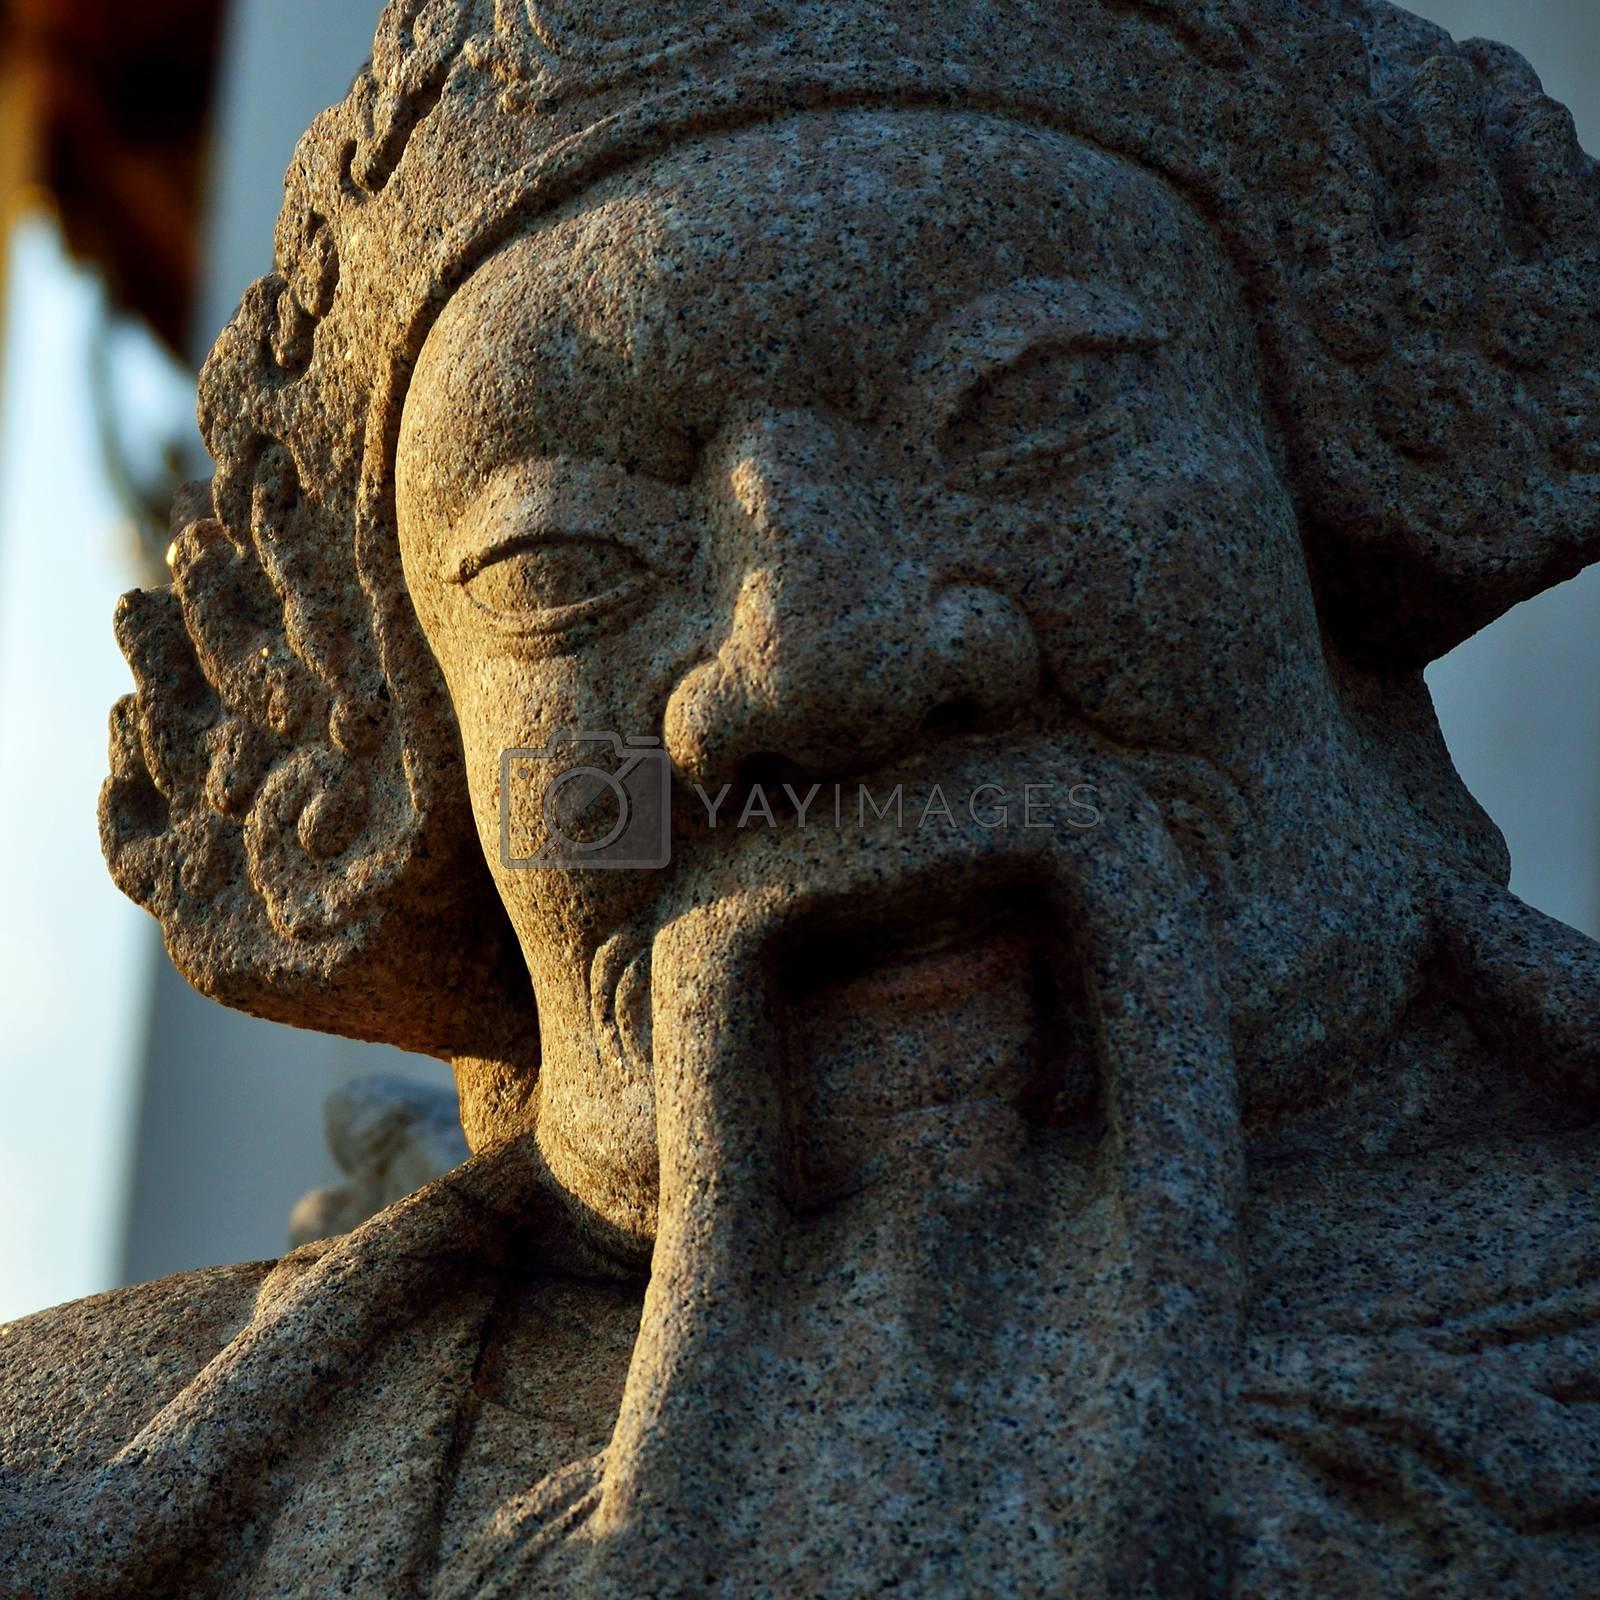 Statue in Wat Sutat temple in Bangkok by jakgree